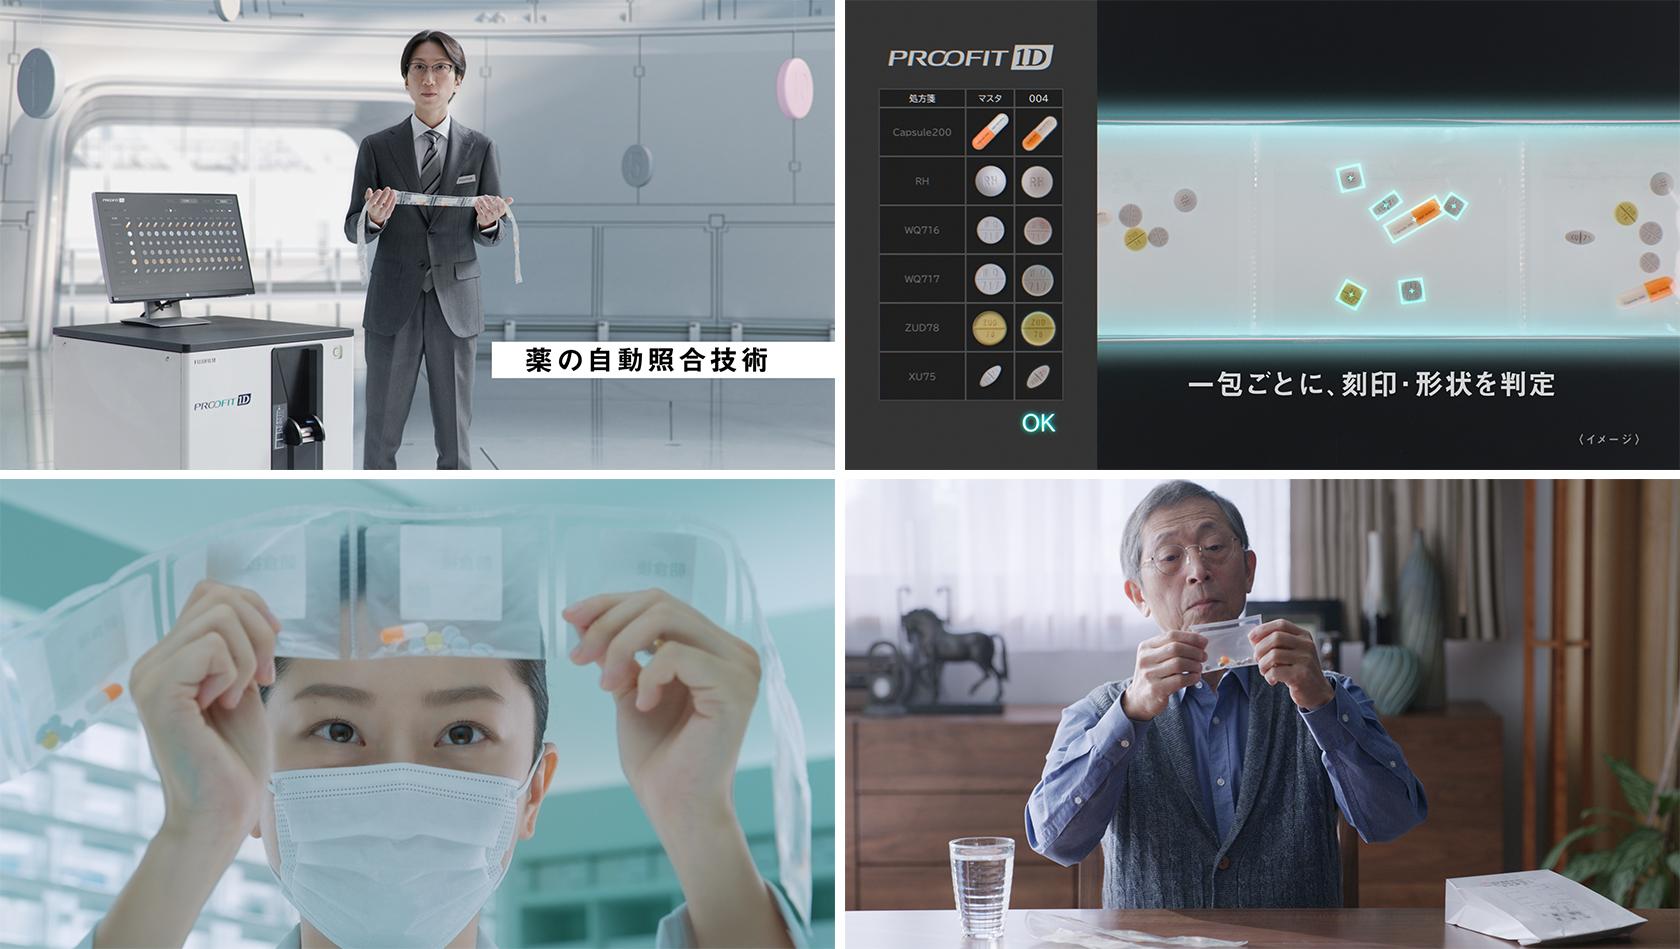 [画像]「世界は、ひとつずつ変えることができる。」 ~薬の自動照合技術篇~